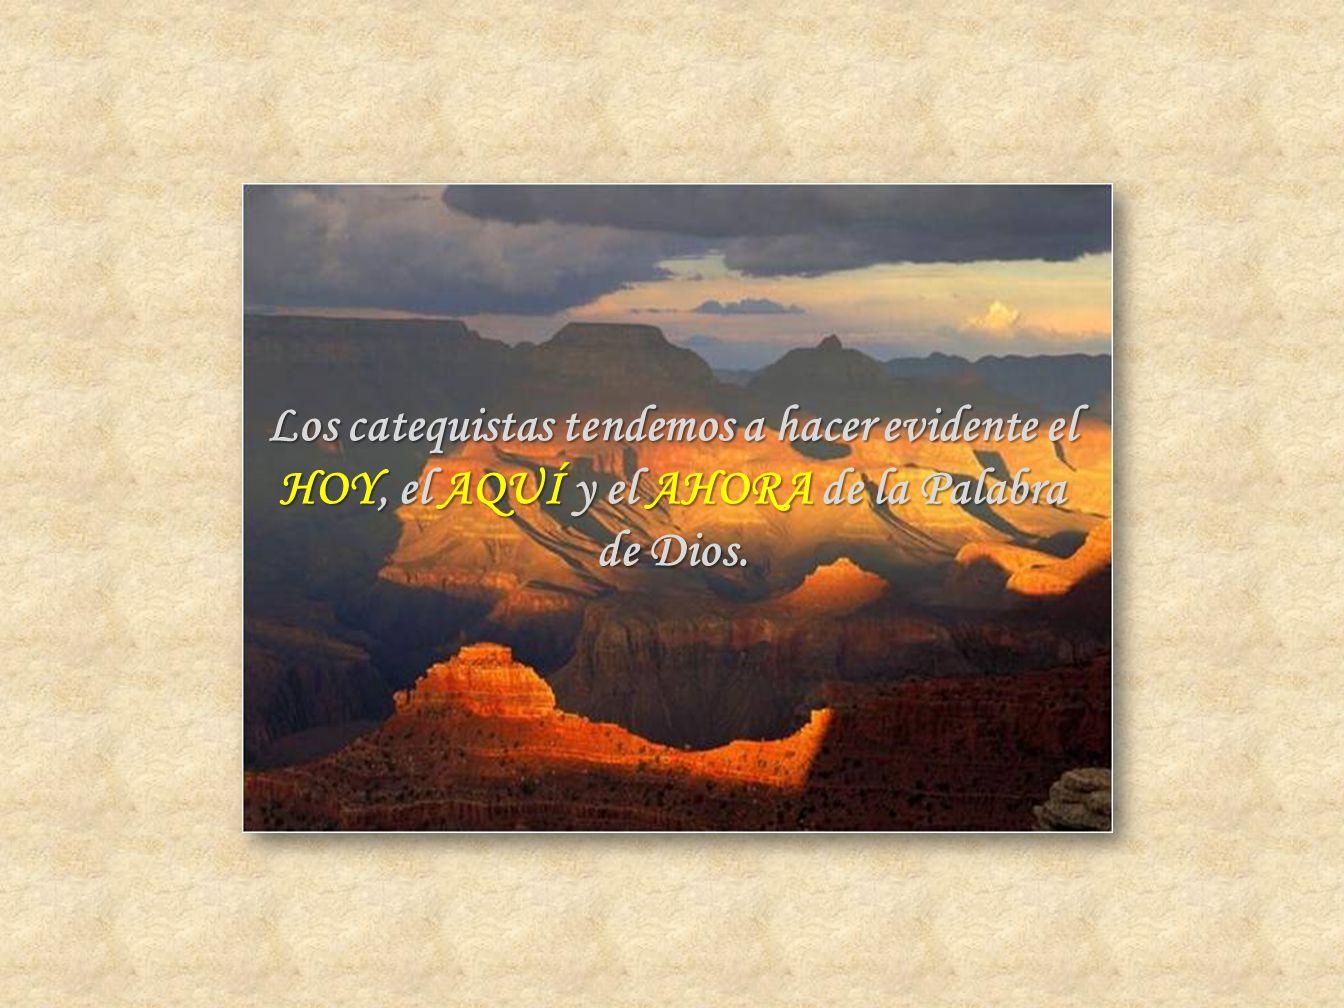 Los catequistas tendemos a hacer evidente el HOY, el AQUÍ y el AHORA de la Palabra de Dios.